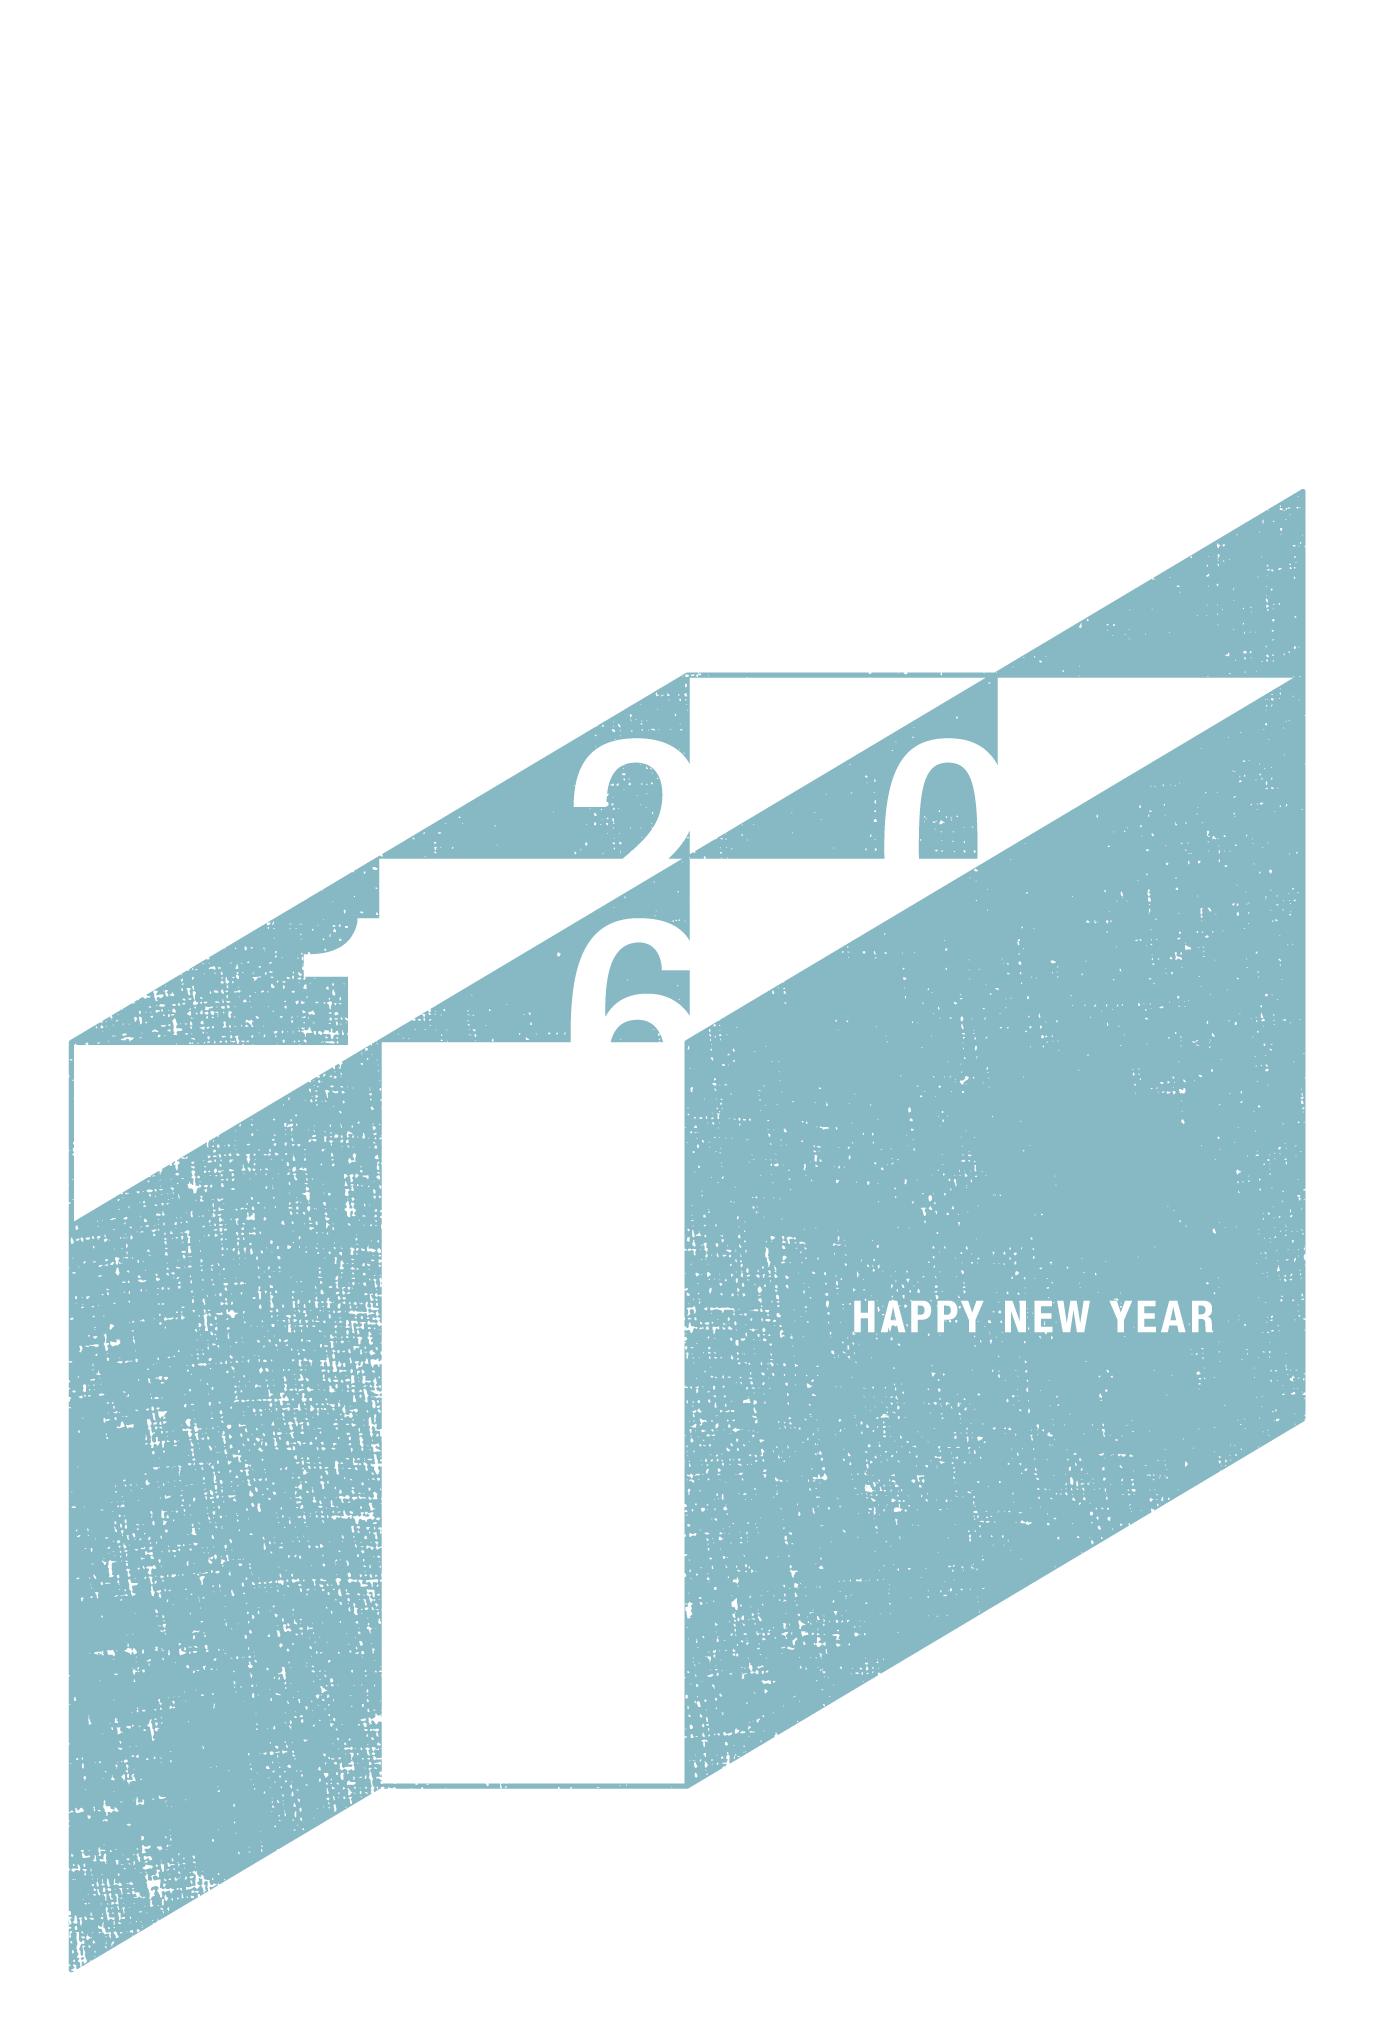 2016年賀状21-2:申の図案(青)のダウンロード画像